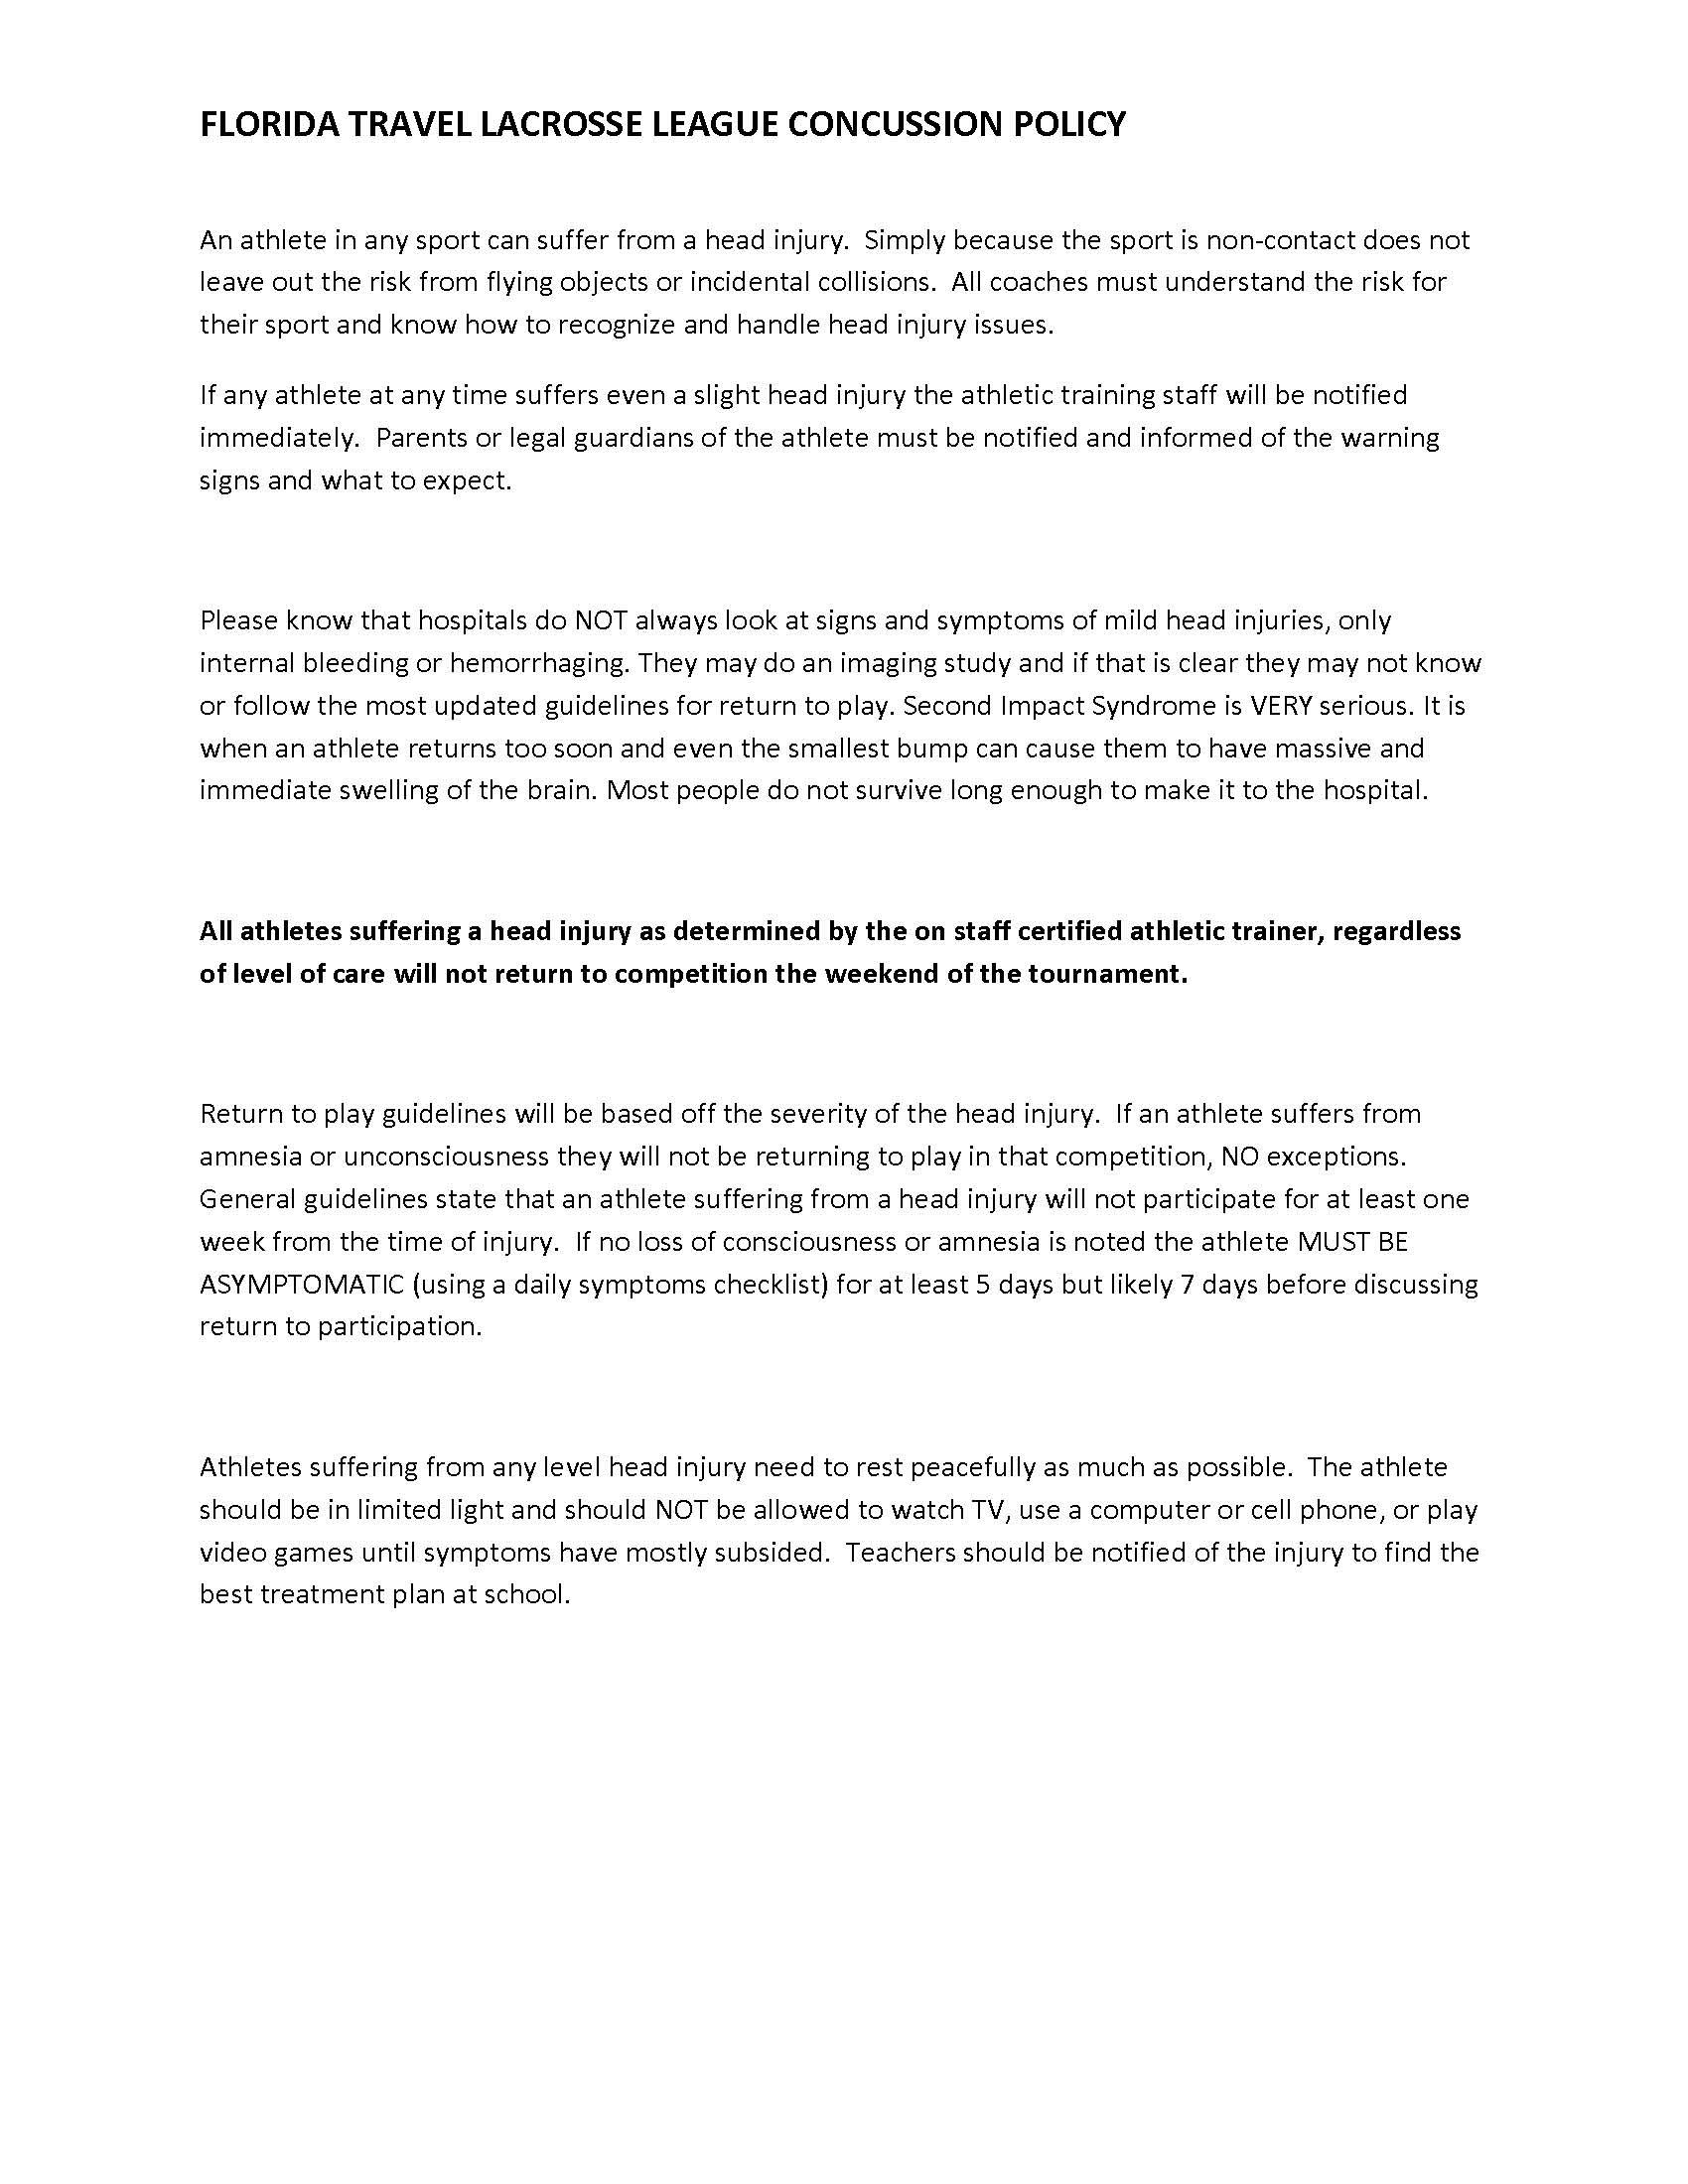 FTLL CONCUSSION POLICY PDF